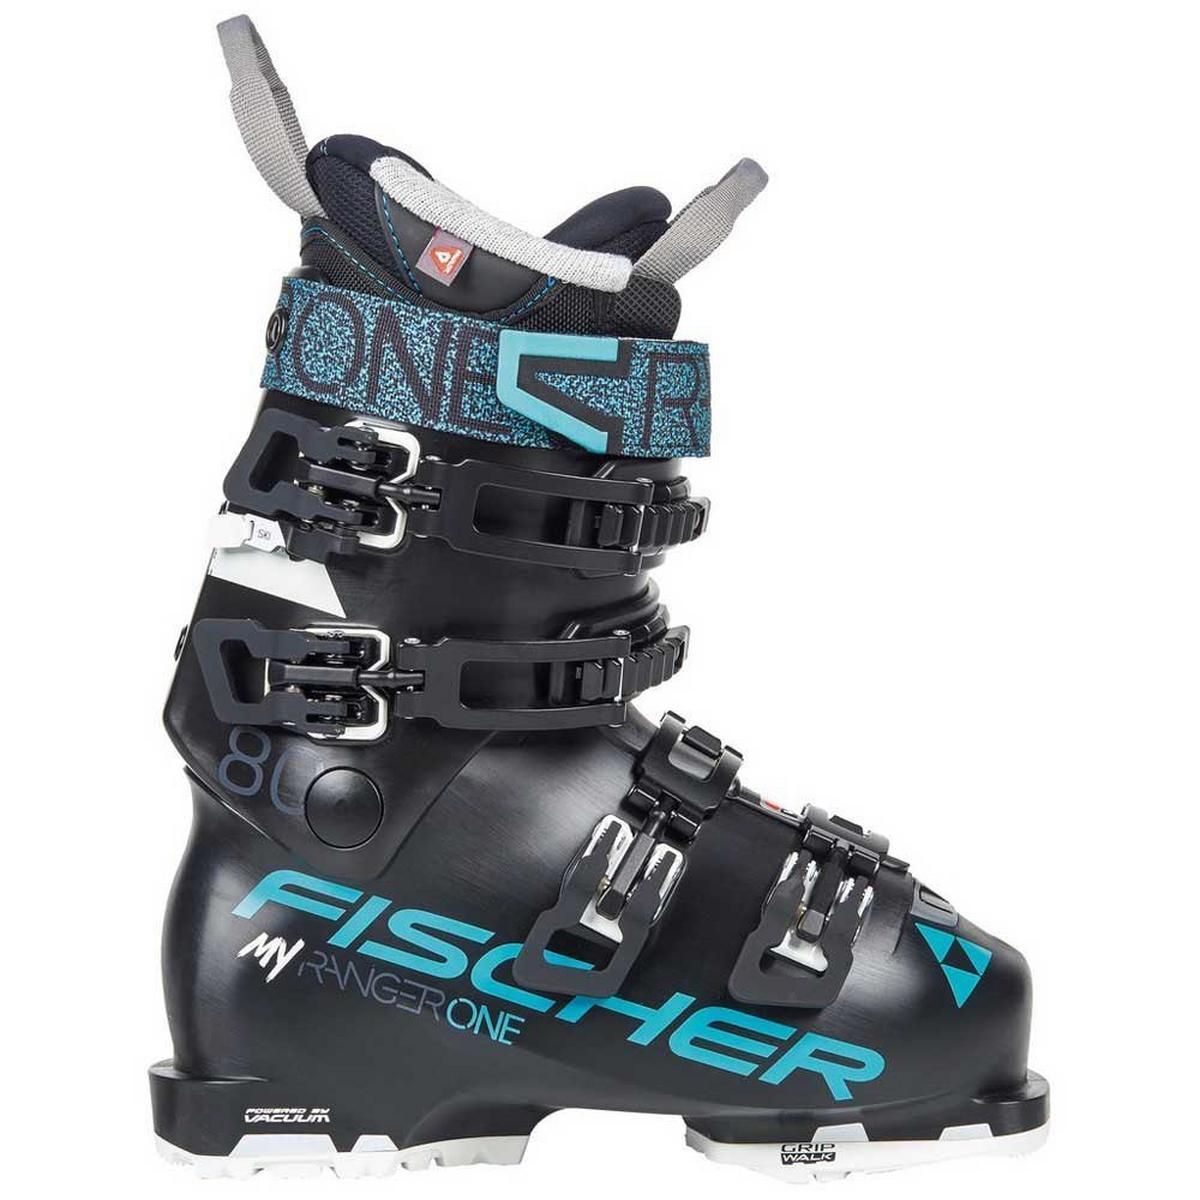 Fischer Women's MY Ranger ONE 80 PBV Walk Ski Boot - Black